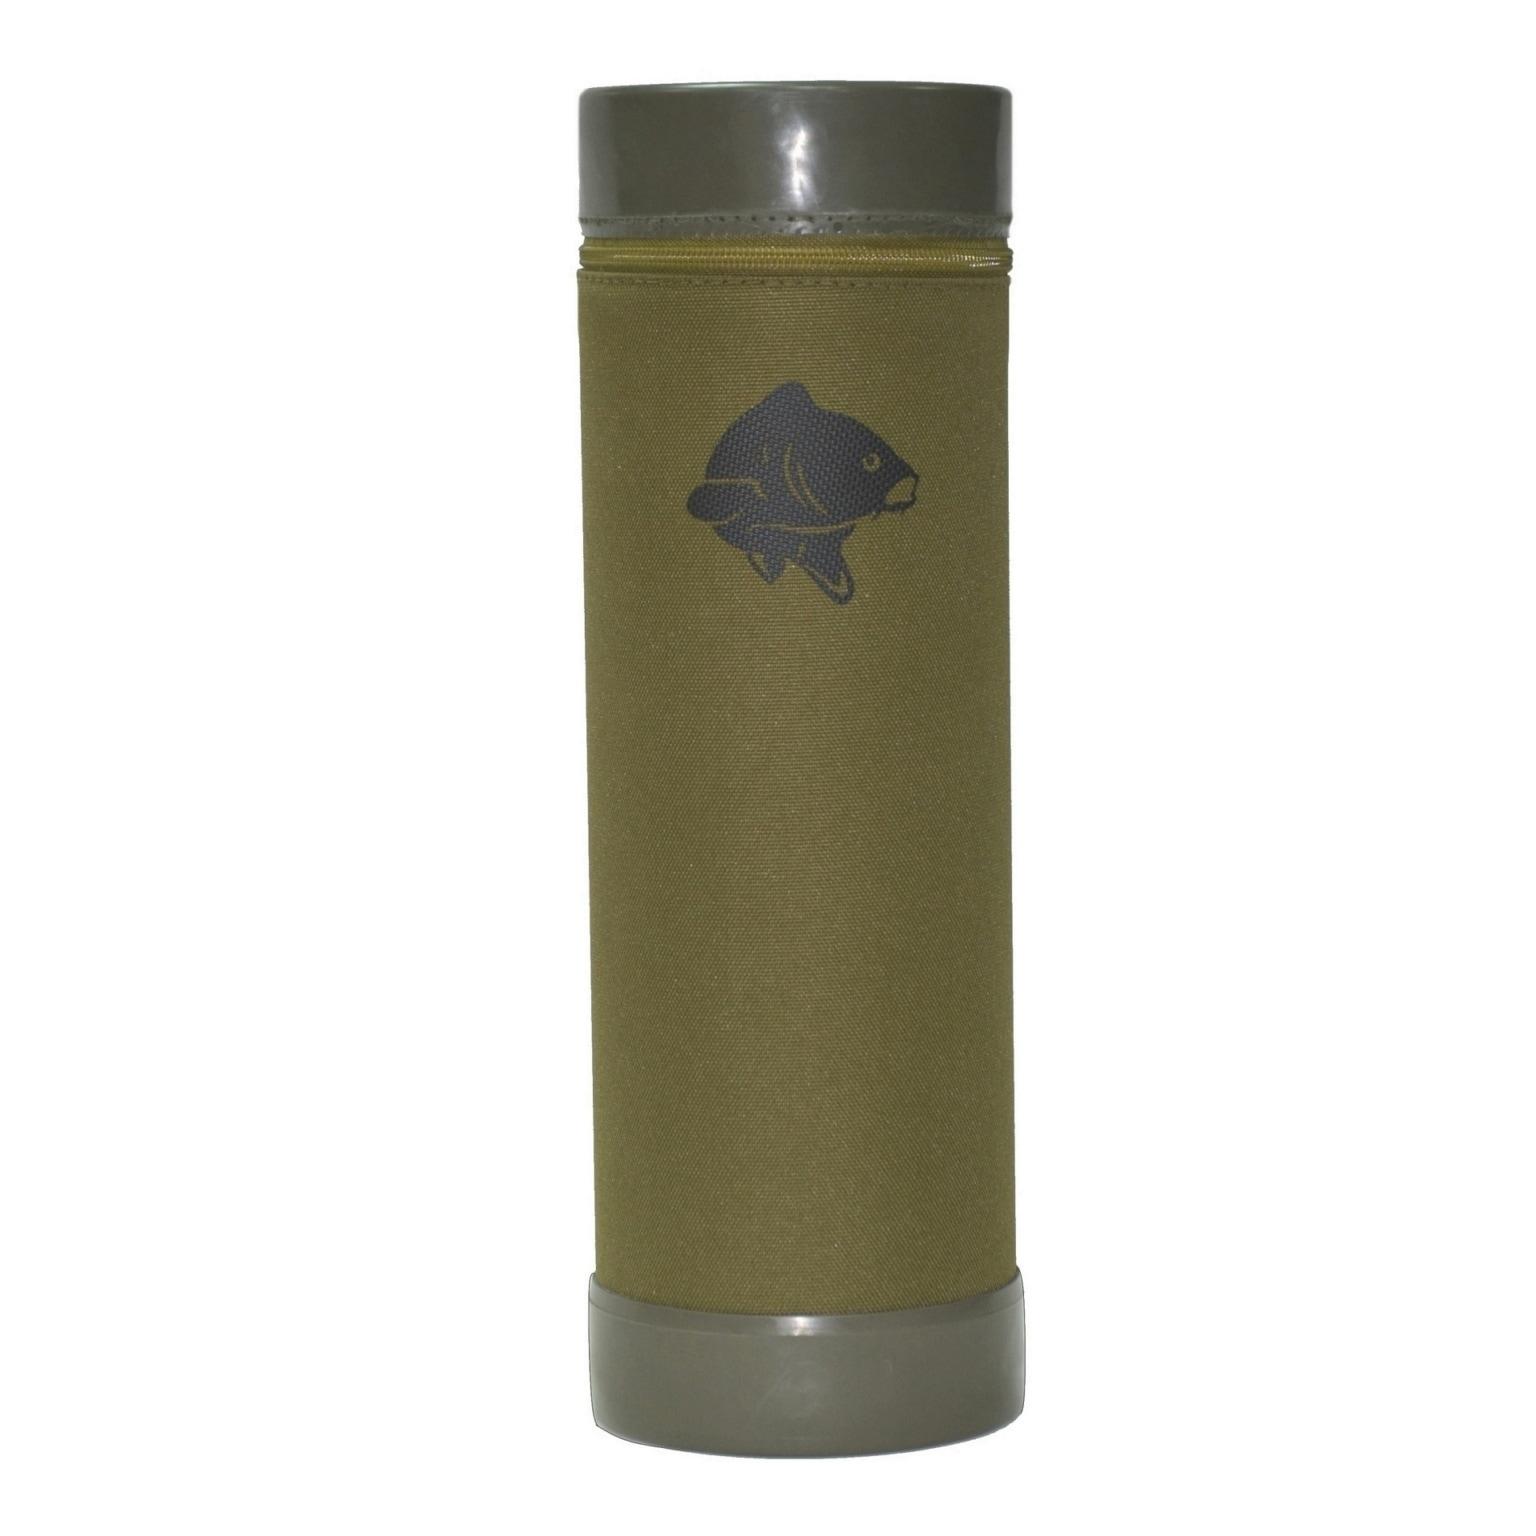 Чехол AQUATIC ЧП-02 для ракет, маркерных поплавков